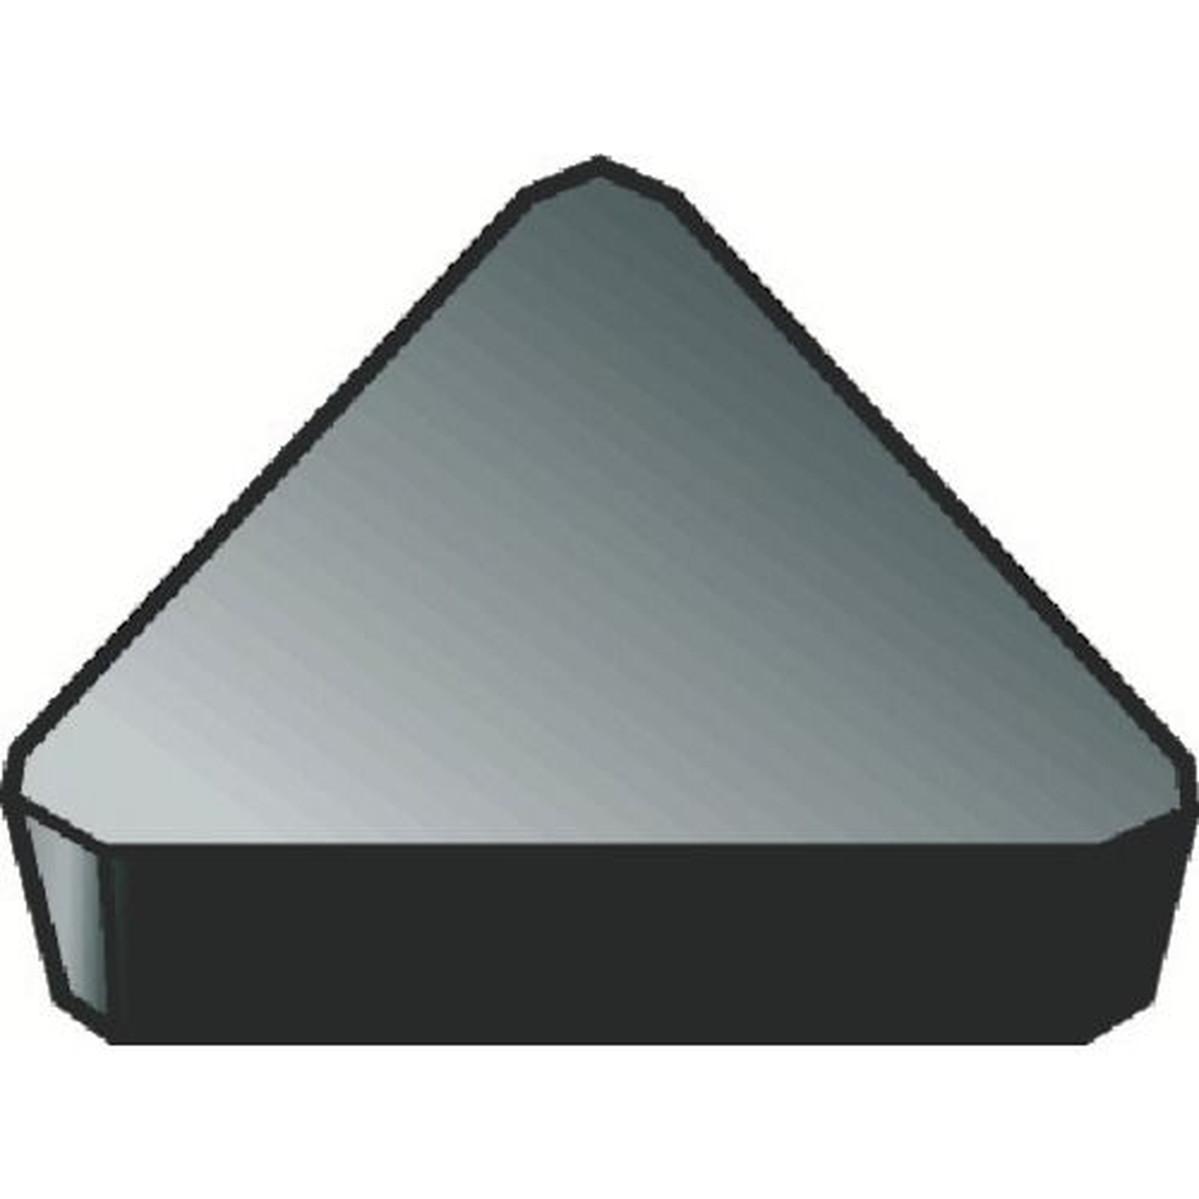 日本最大級 サンドビック SM30 フライスカッター用チップ フライスカッター用チップ SM30 10個 10個, ウィッグ&エクステ シュシュクロ:53dac038 --- promotime.lt